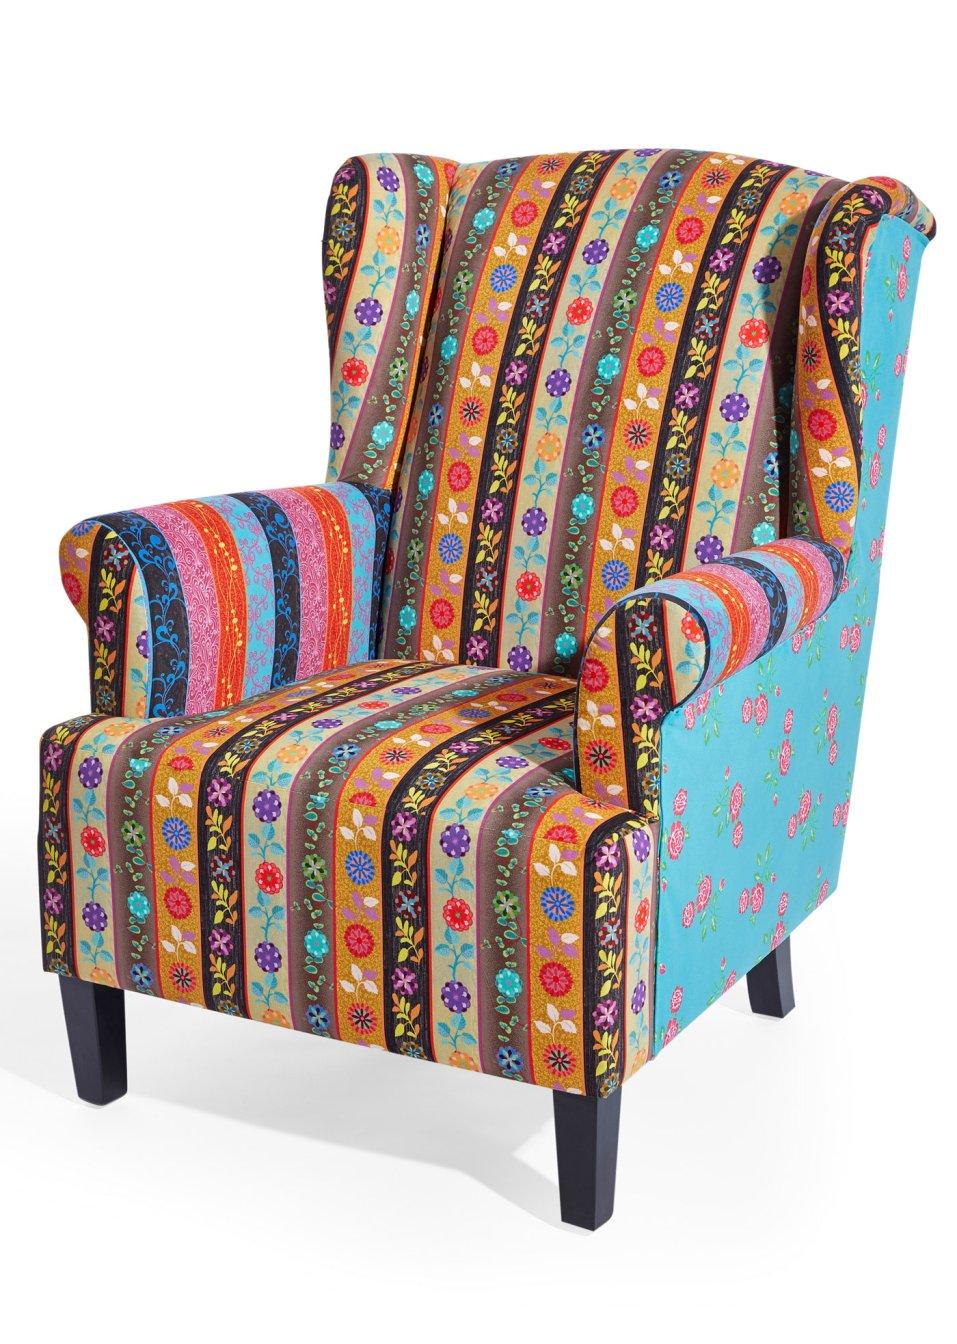 ein schmuckst ck f r das wohnzimmer der farbenfrohe ohrensessel aladdin bunt. Black Bedroom Furniture Sets. Home Design Ideas